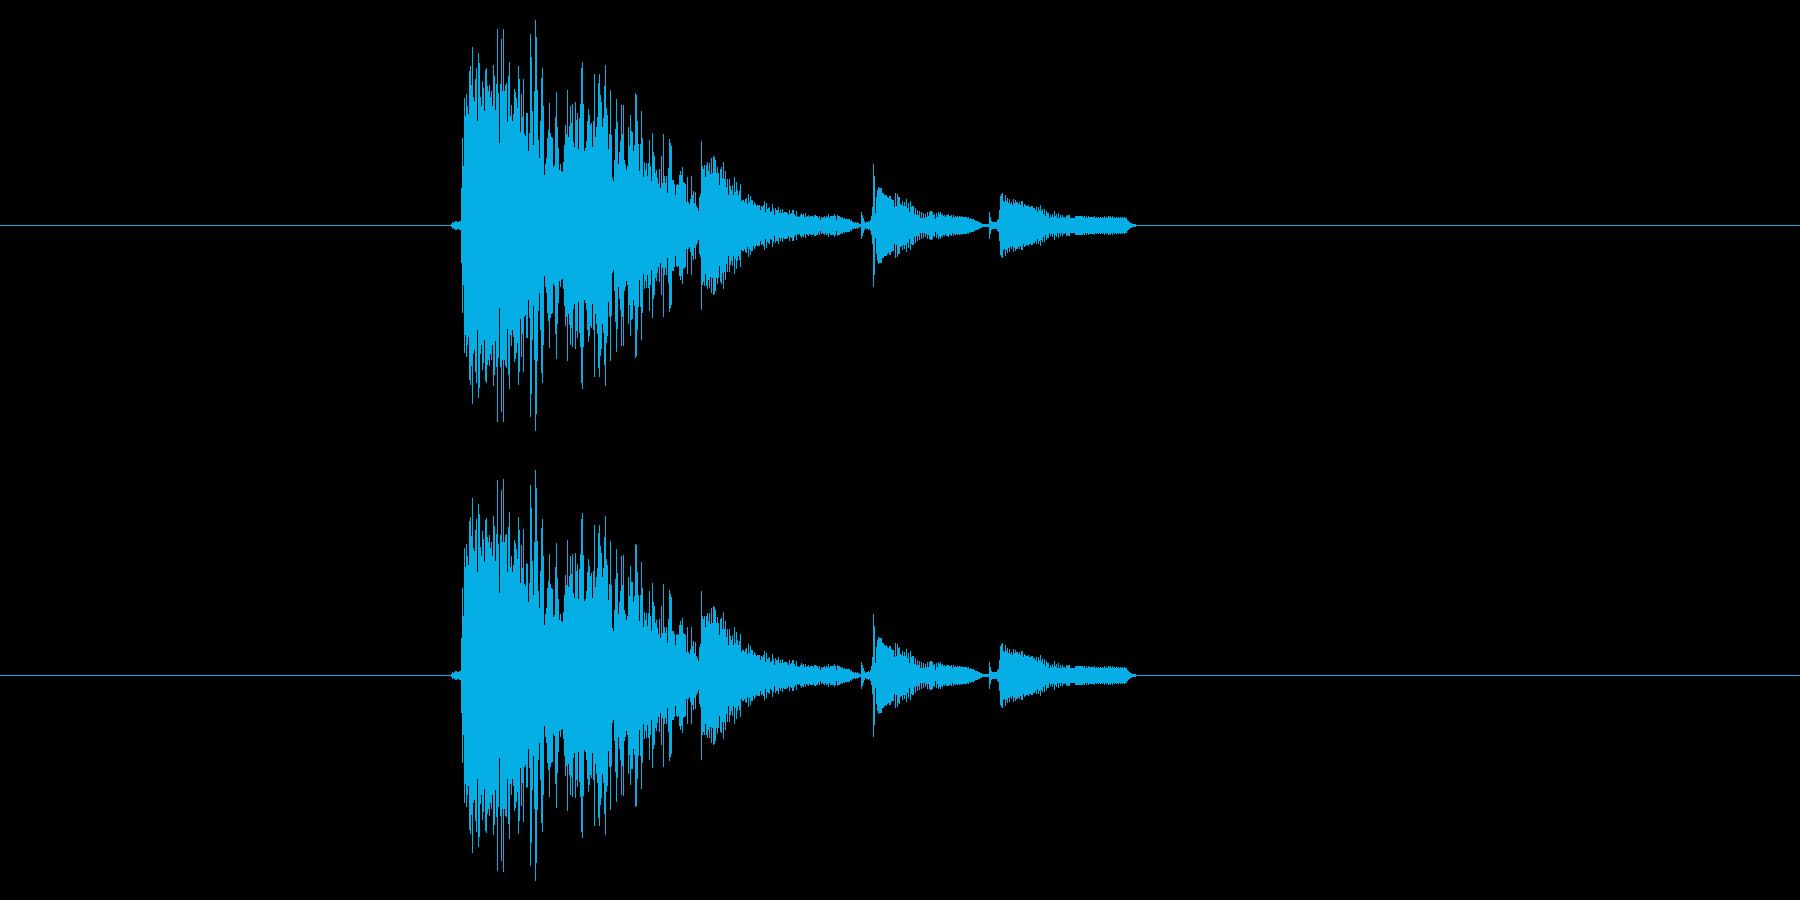 激しいポップス系短め音(番組、ジングル)の再生済みの波形